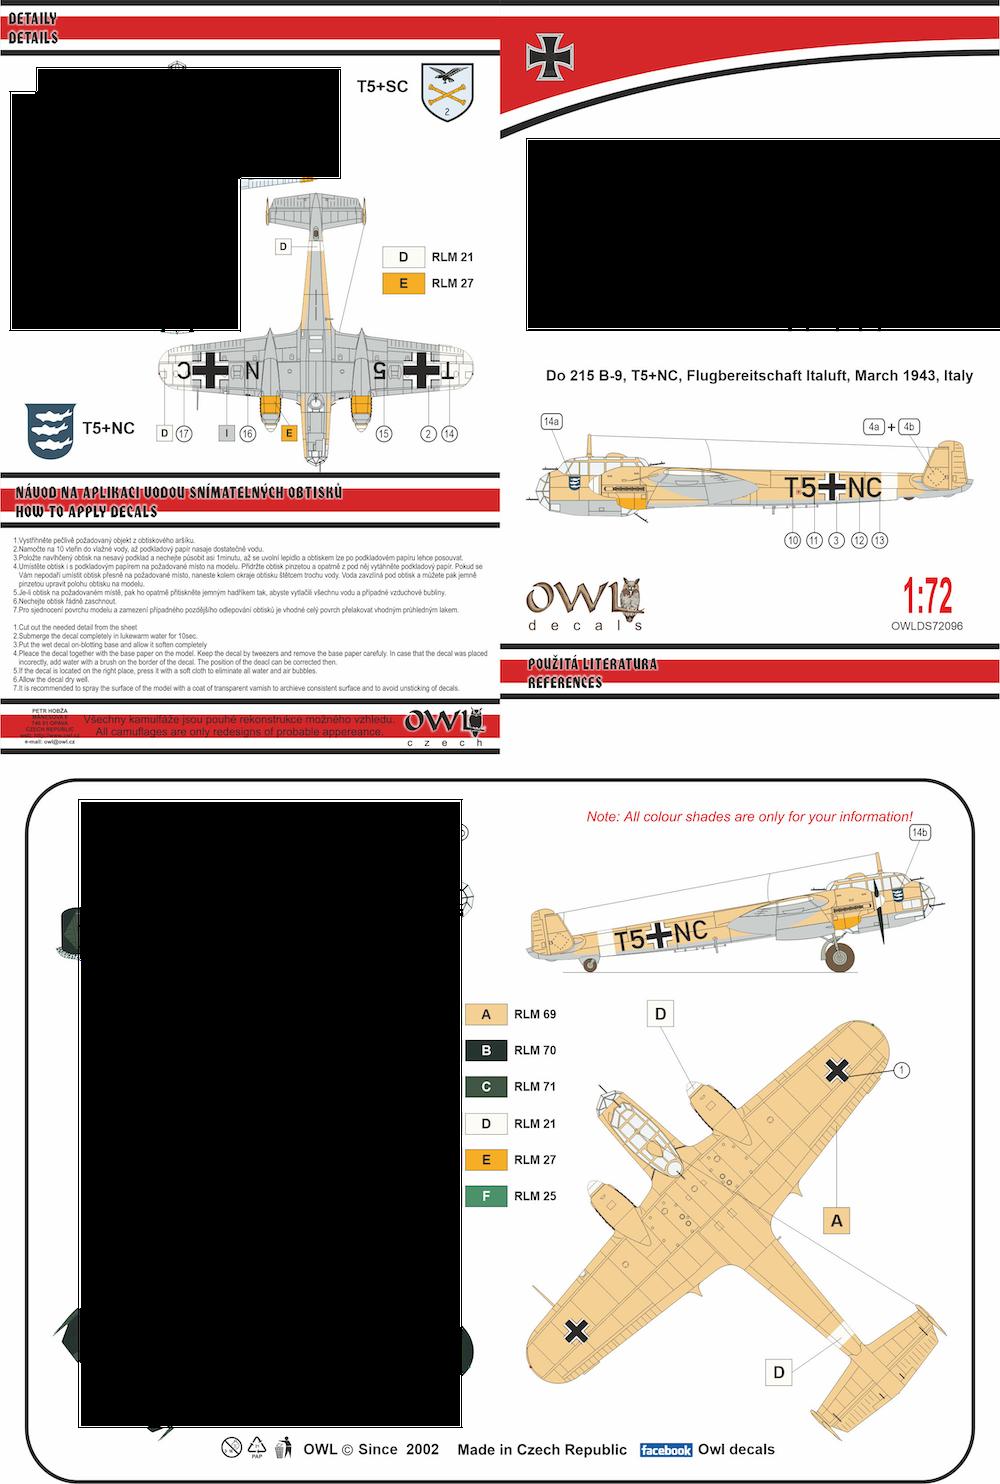 OWLDS4896